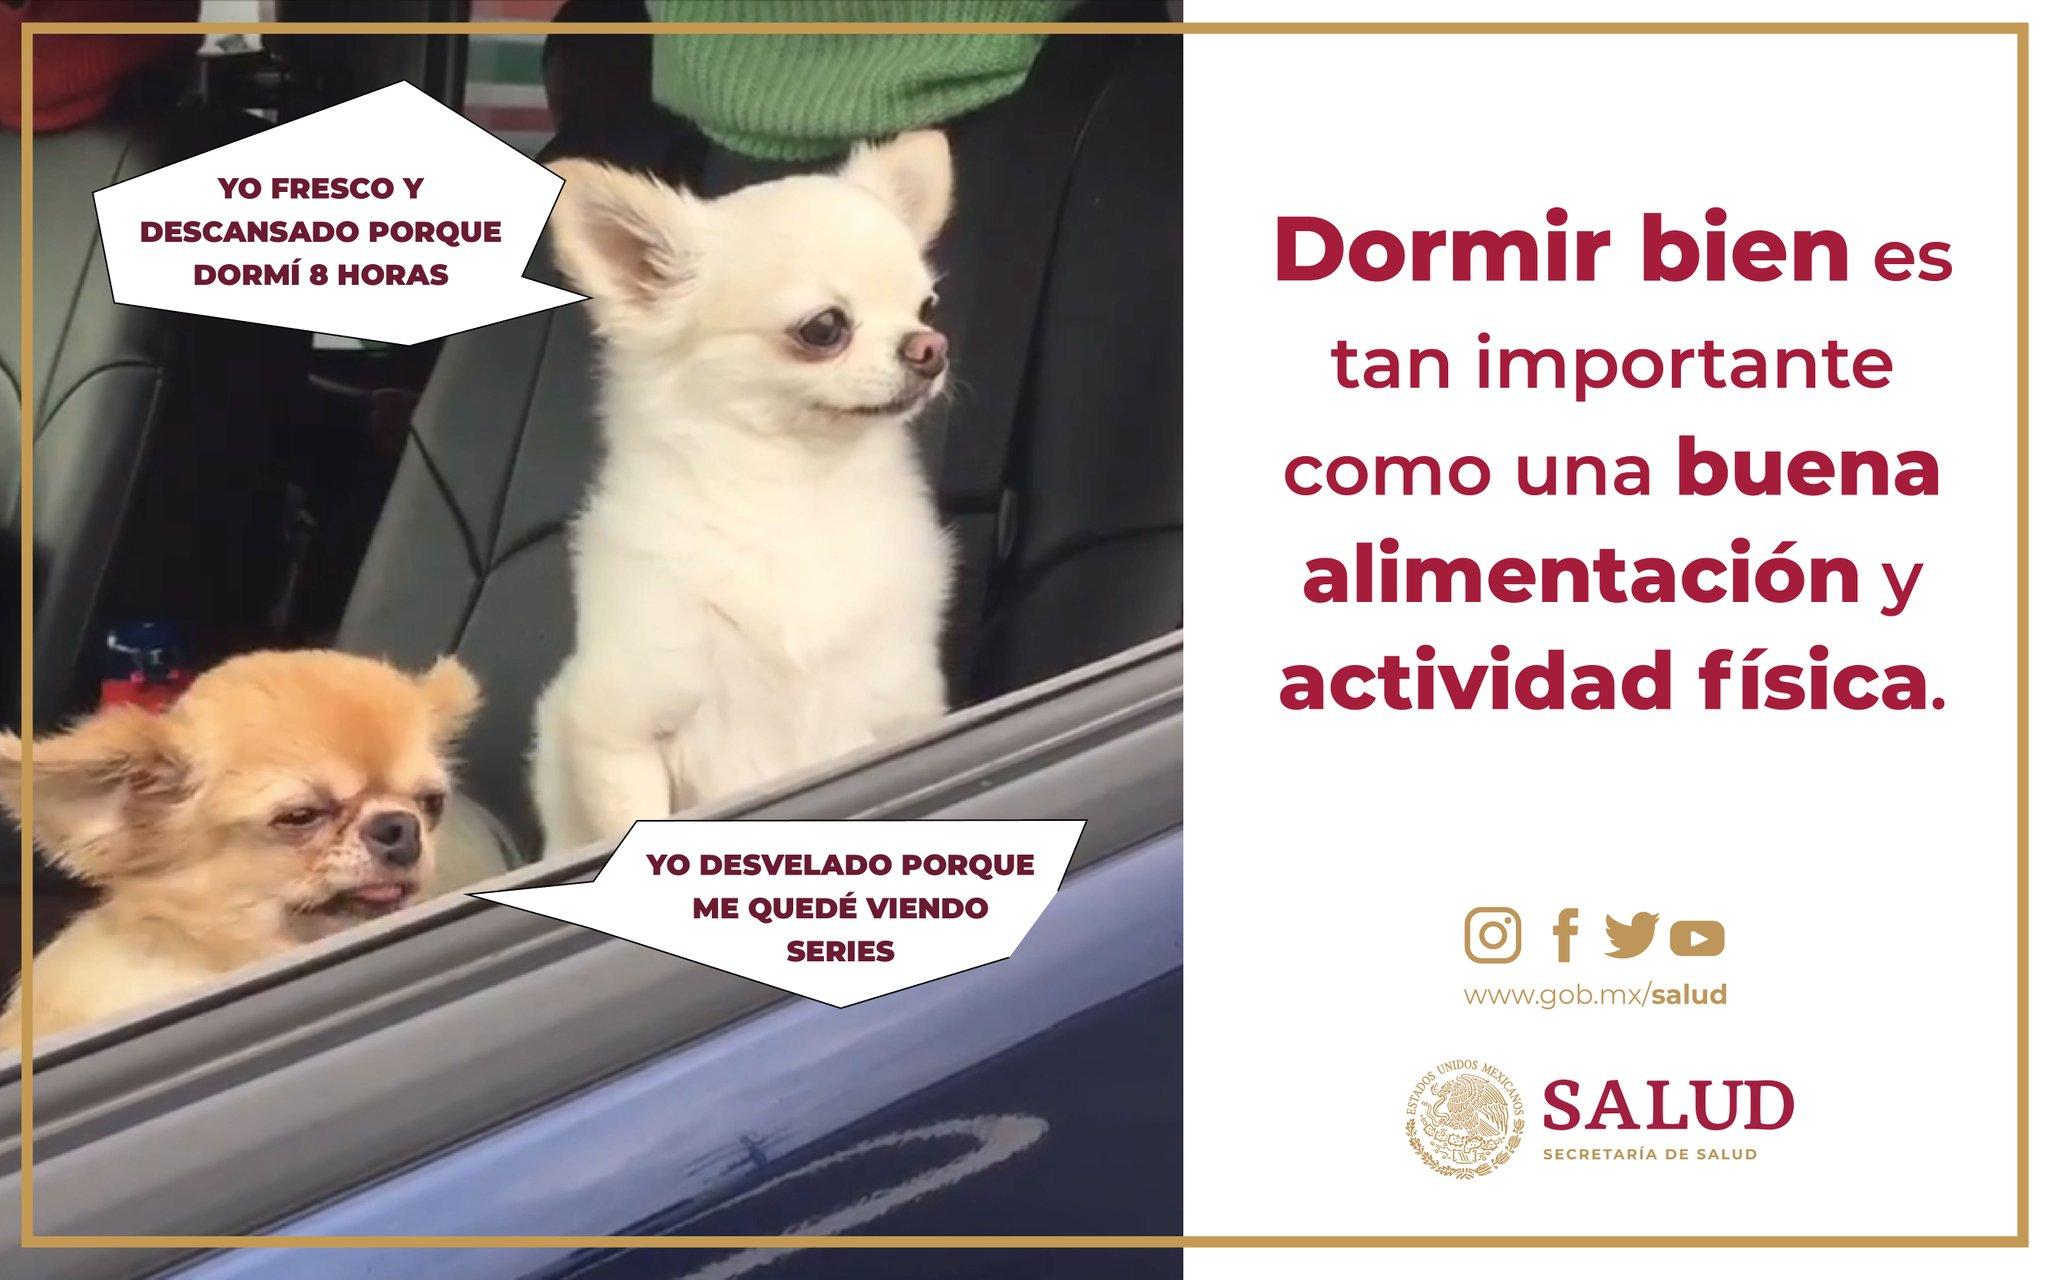 ο χρήστης Salud México στο Twitter Recuerda Una Noche De Sueño